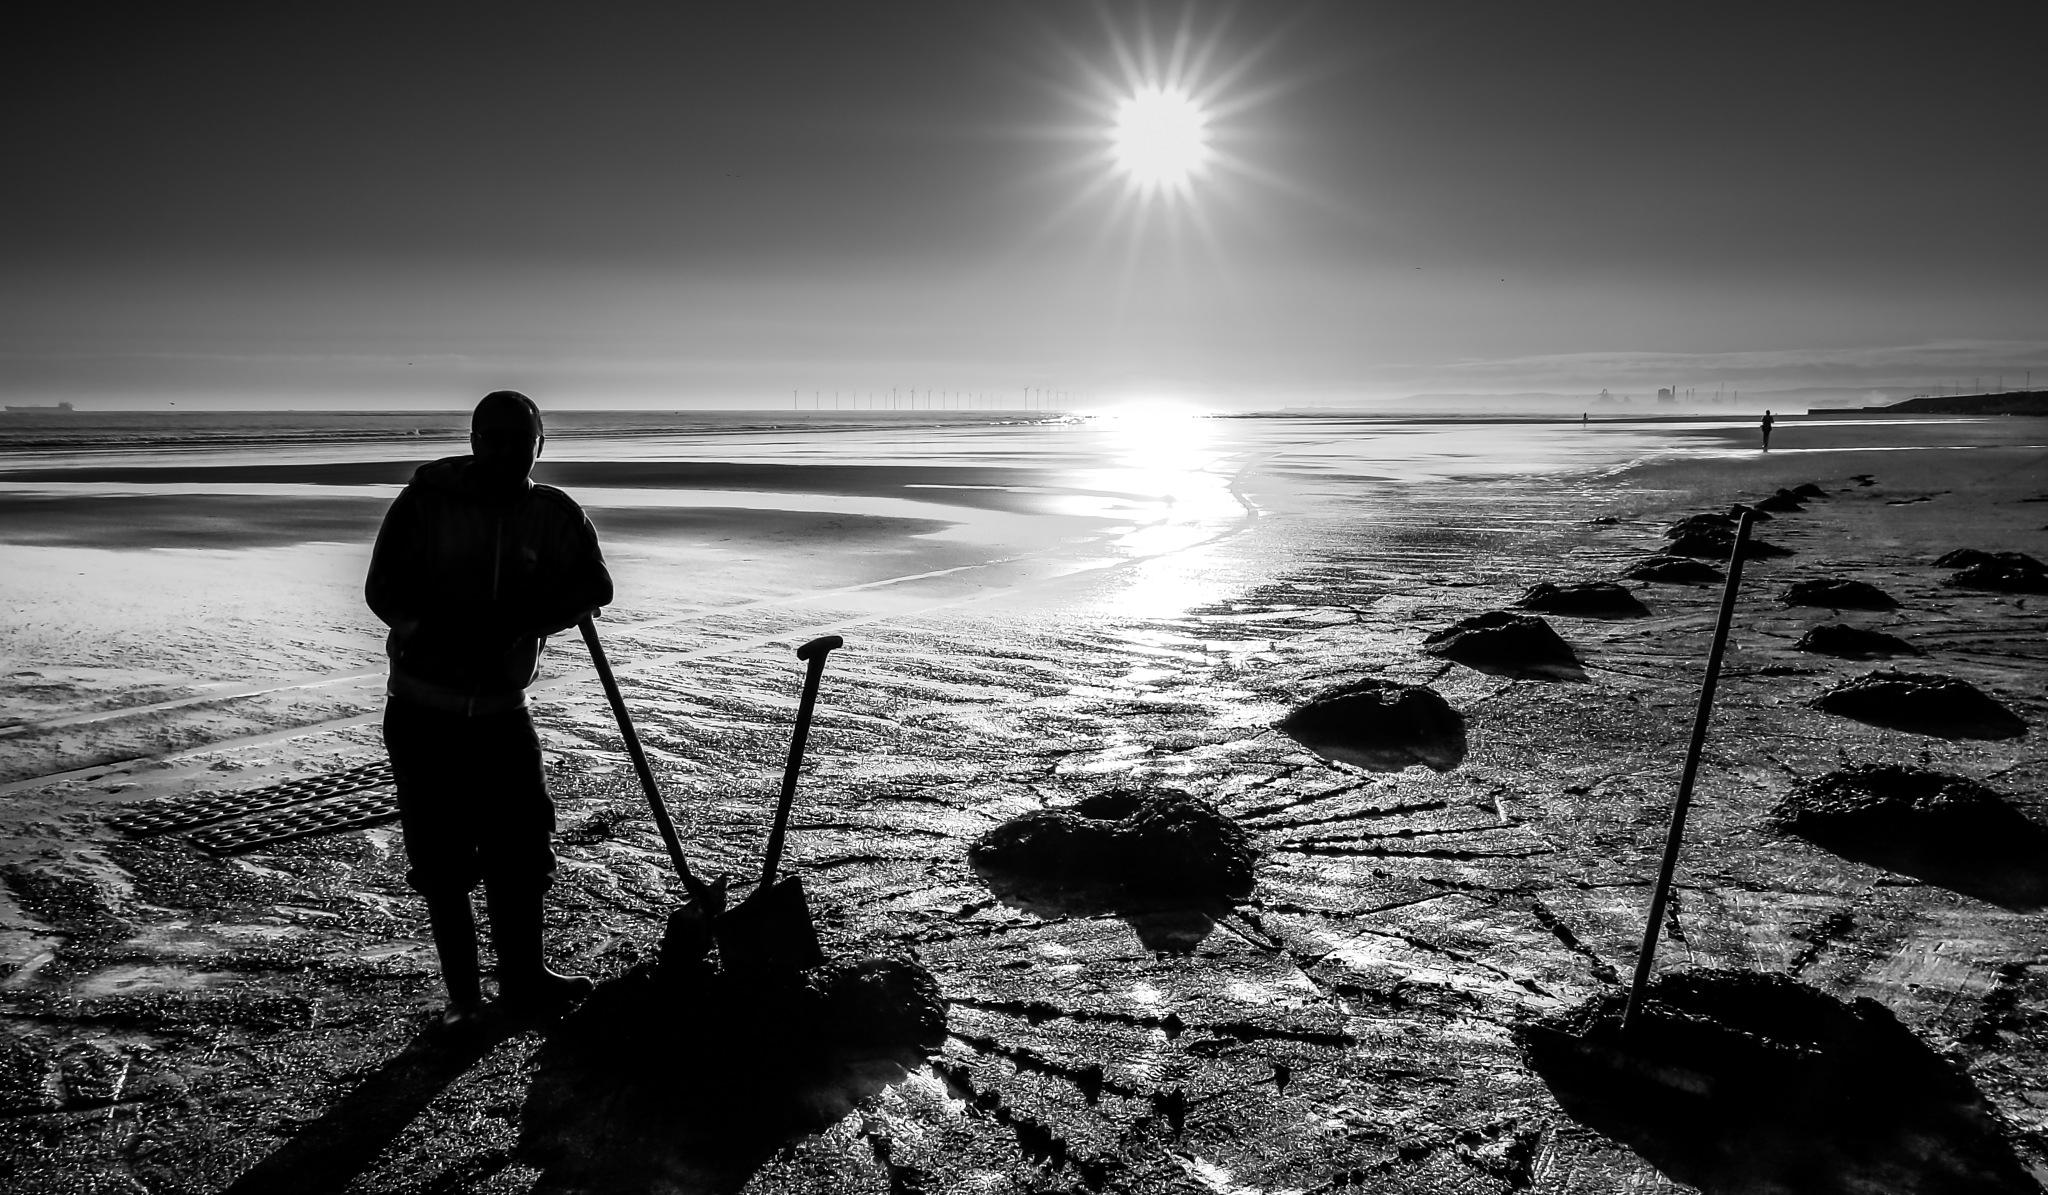 Beach coal collector by Peter Edwardo Vicente.